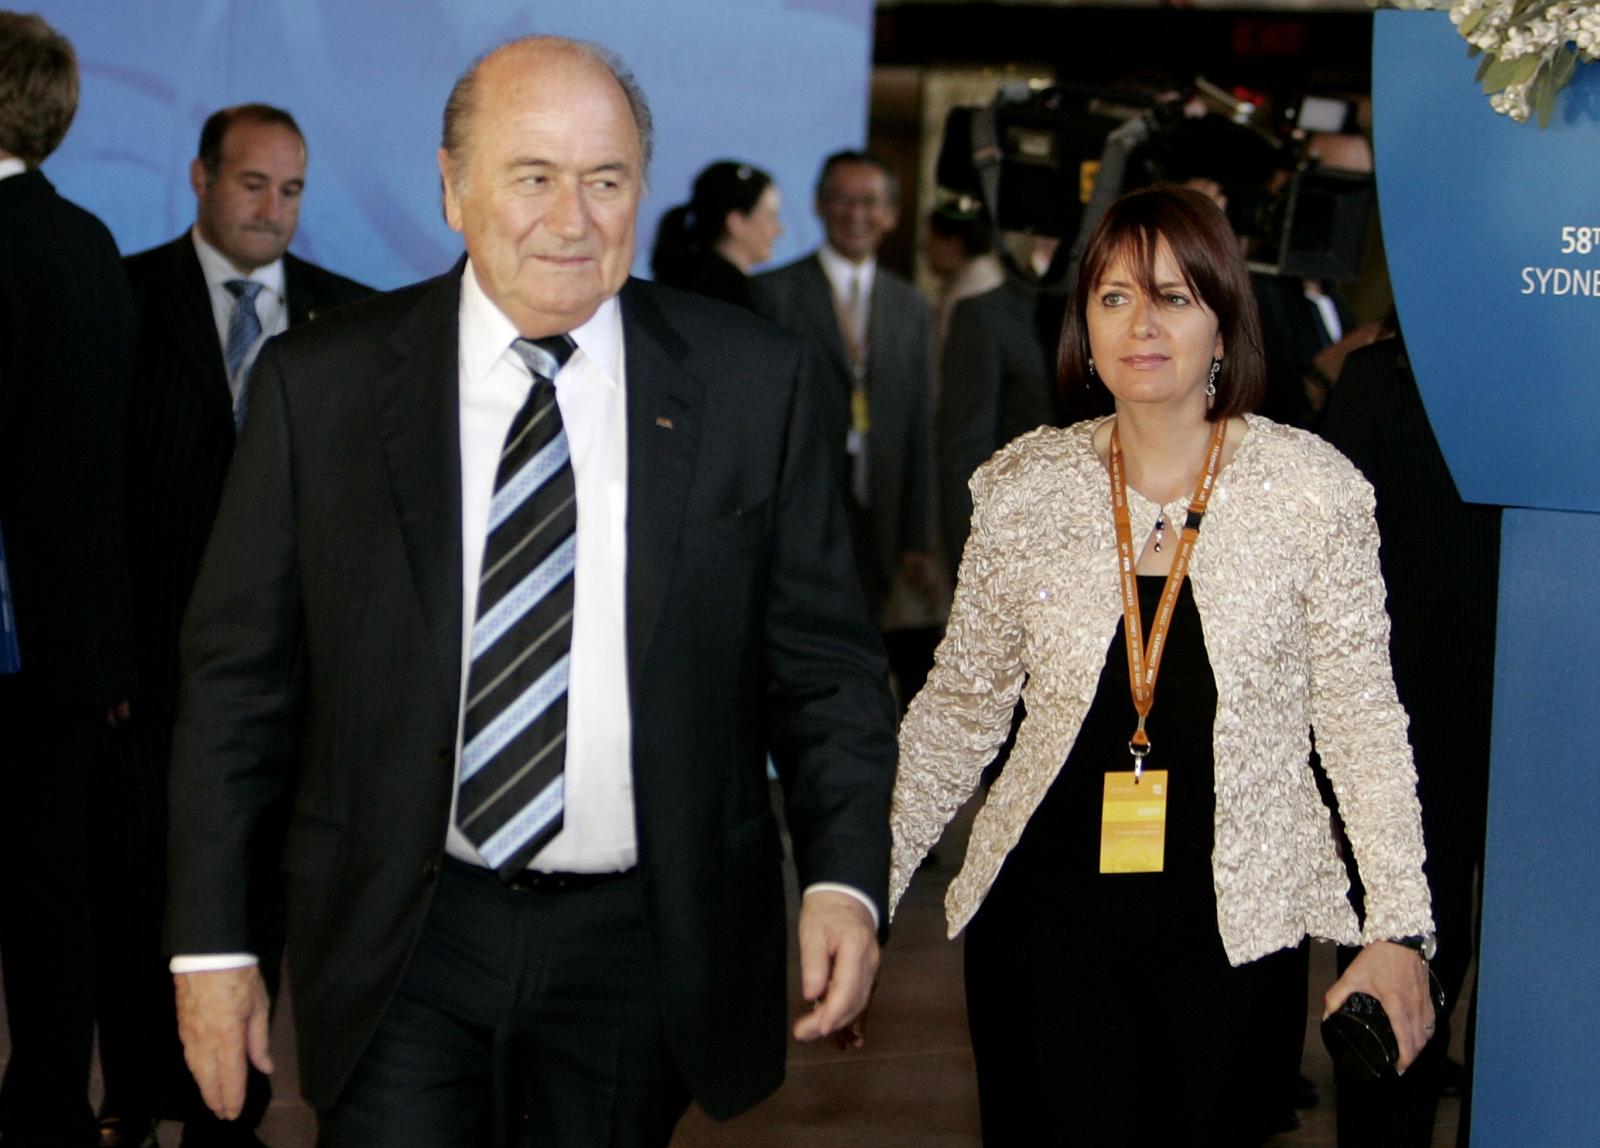 Sepp and Corinne Blatter